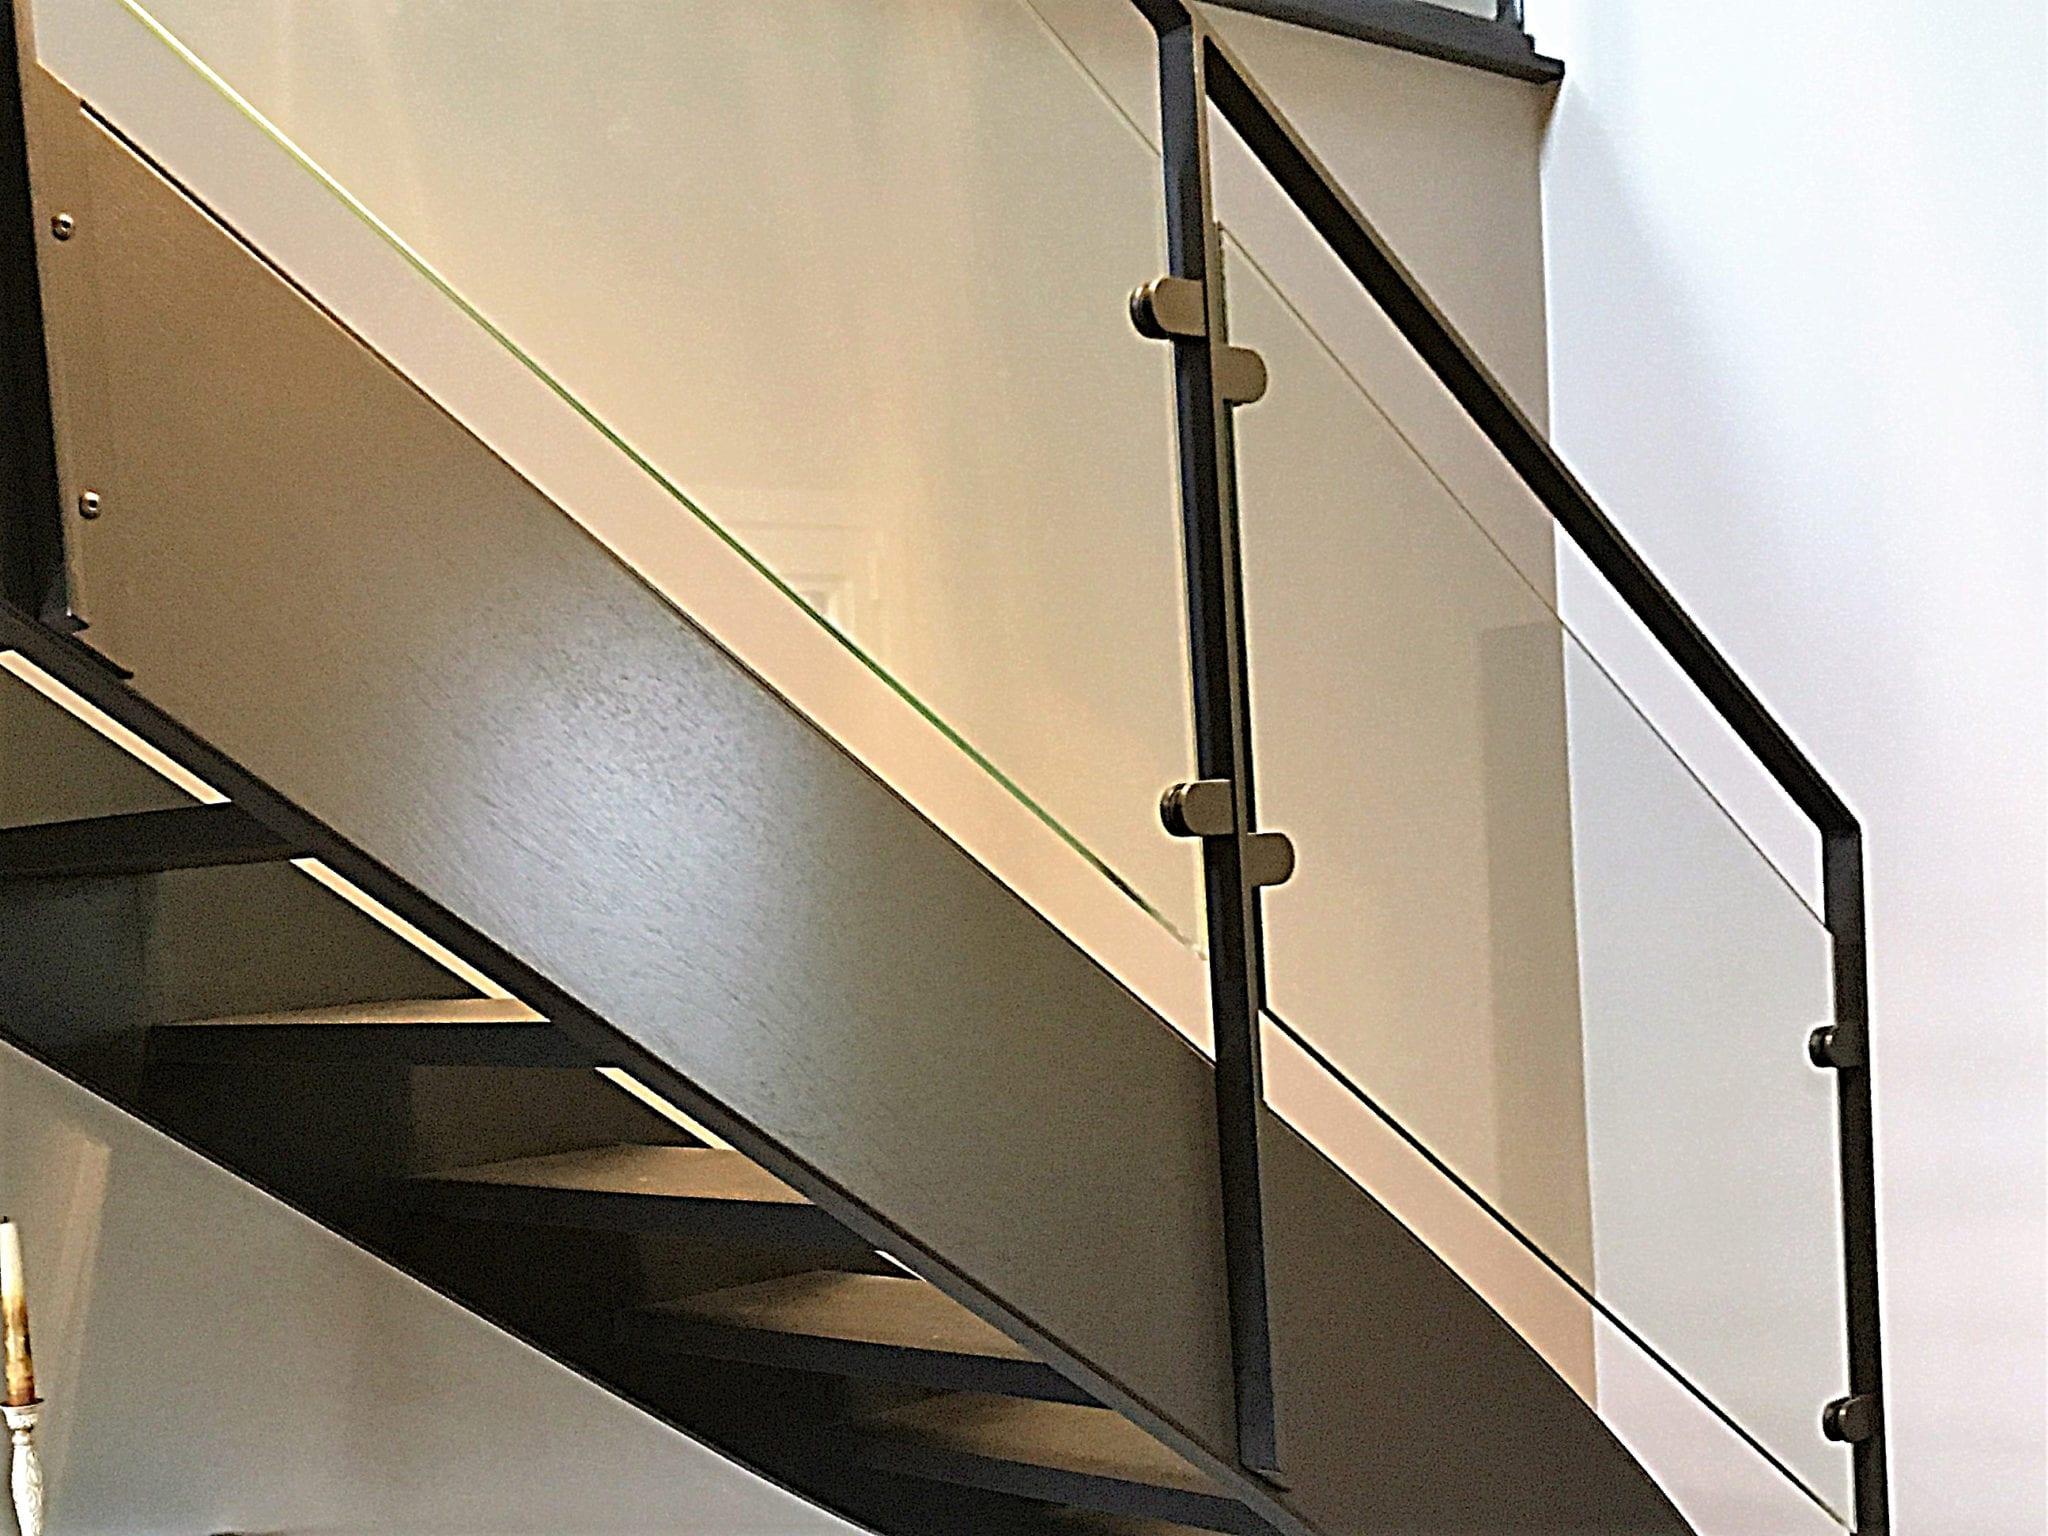 Rambarde d'escalier acier avec remplissage en verre, pose du verre par pinces